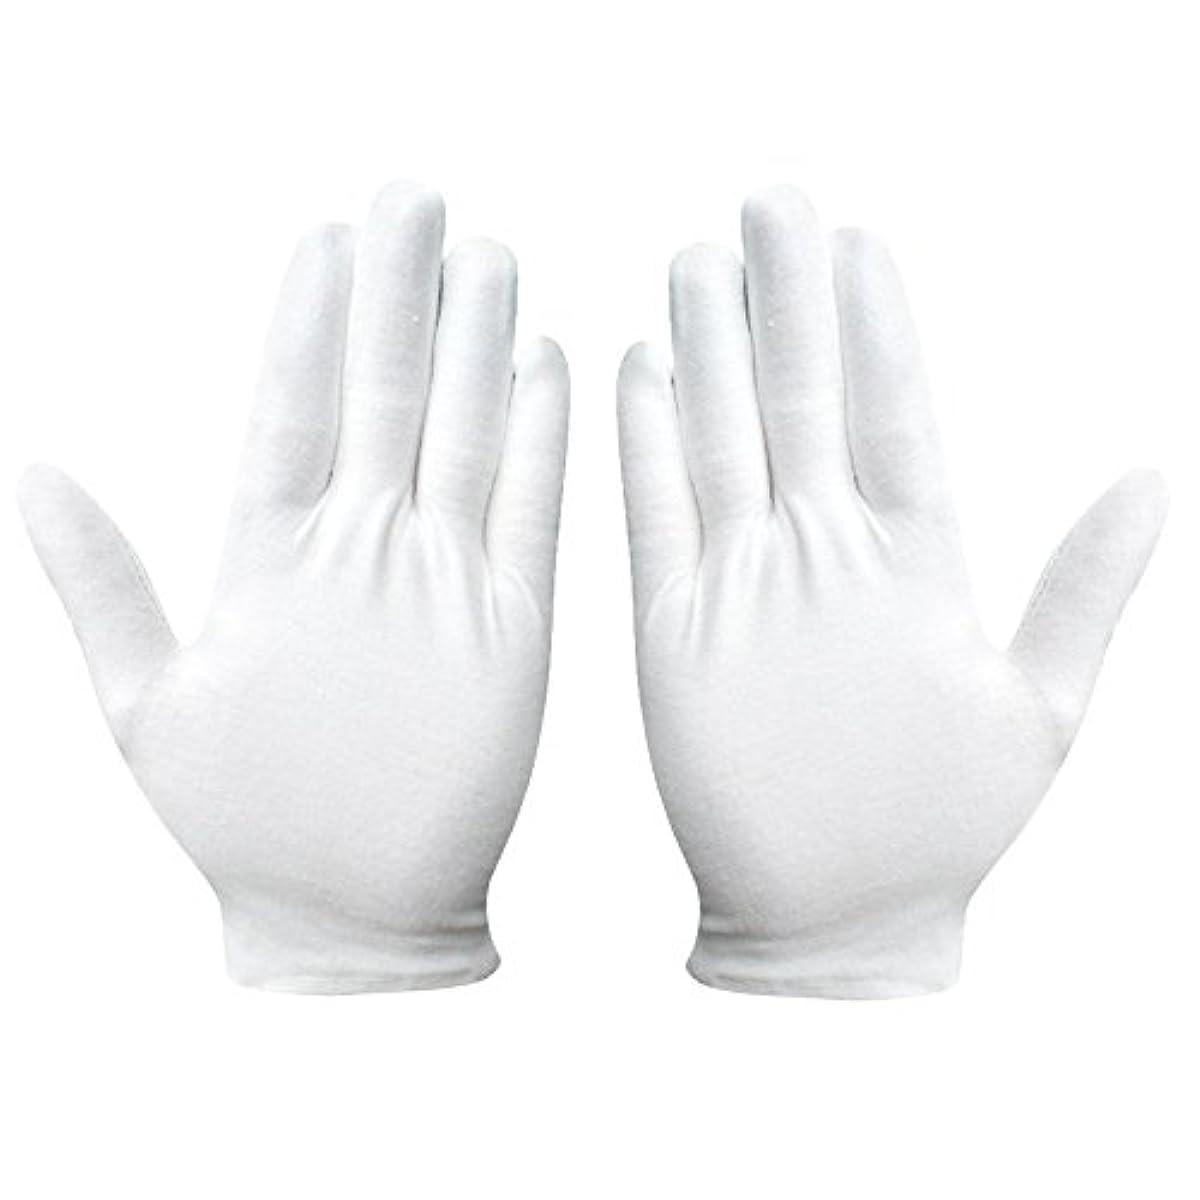 ランダムの面ではずらす綿手袋 純綿 コットン手袋 白手袋 薄手 通気性 手荒れ予防 【湿疹用 乾燥肌用 保湿用 礼装用】12双組